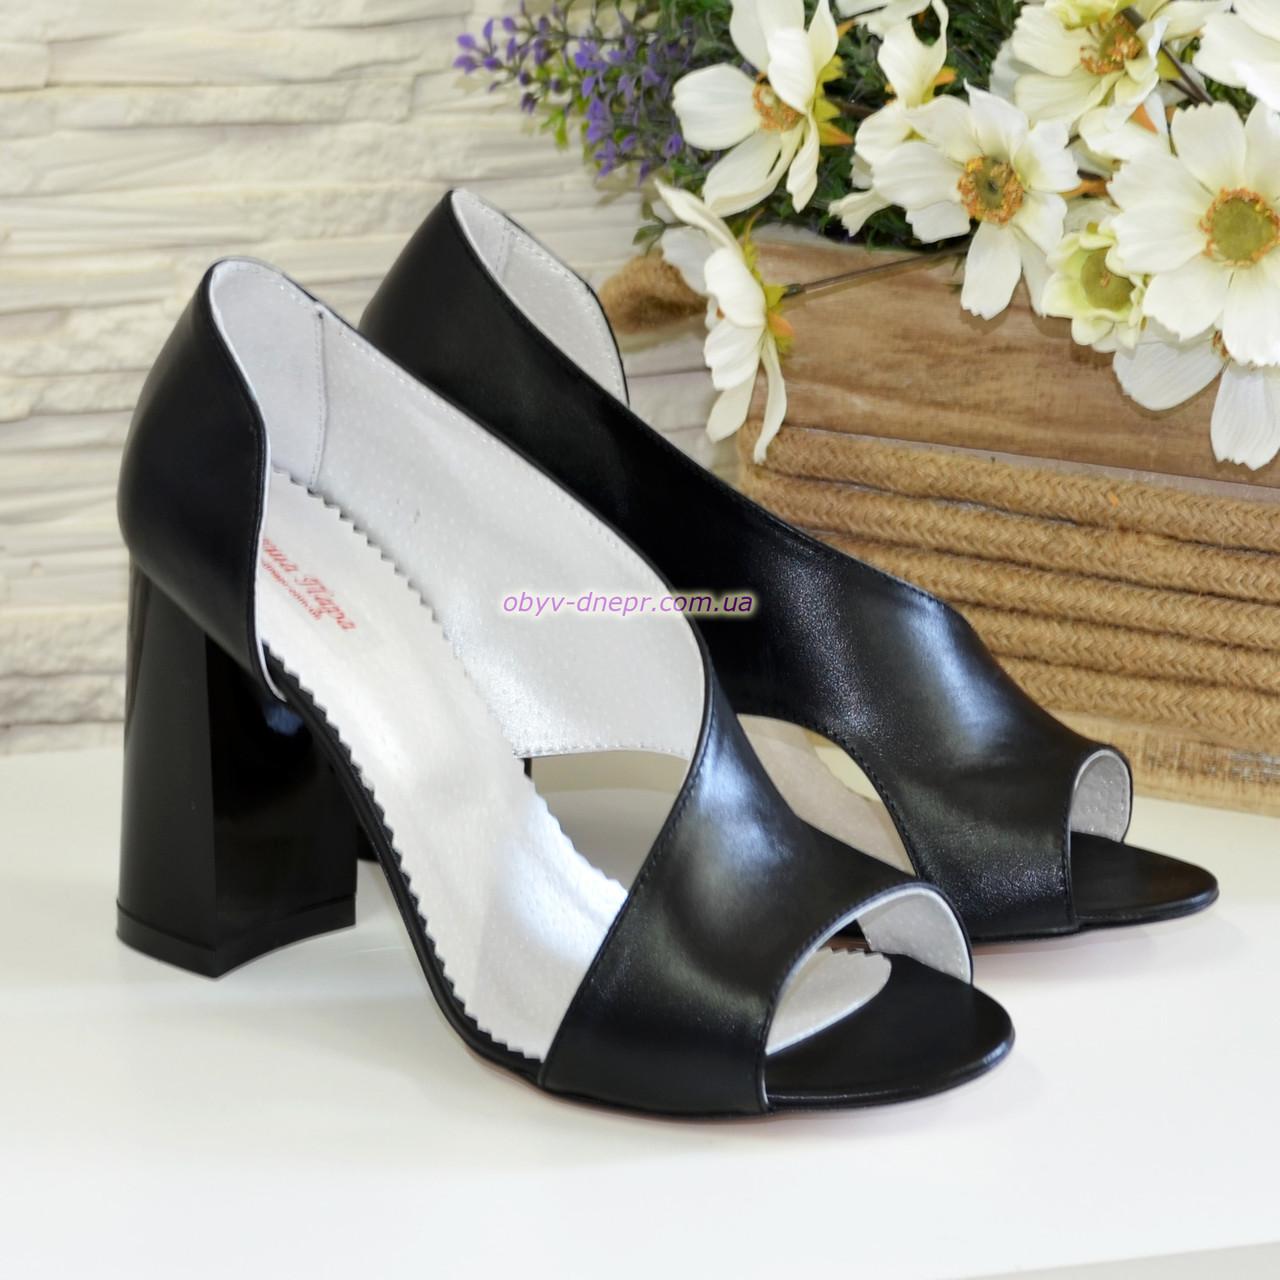 Купить Босоножки женские кожаные на высоком устойчивом каблуке 7bd4450694eb7